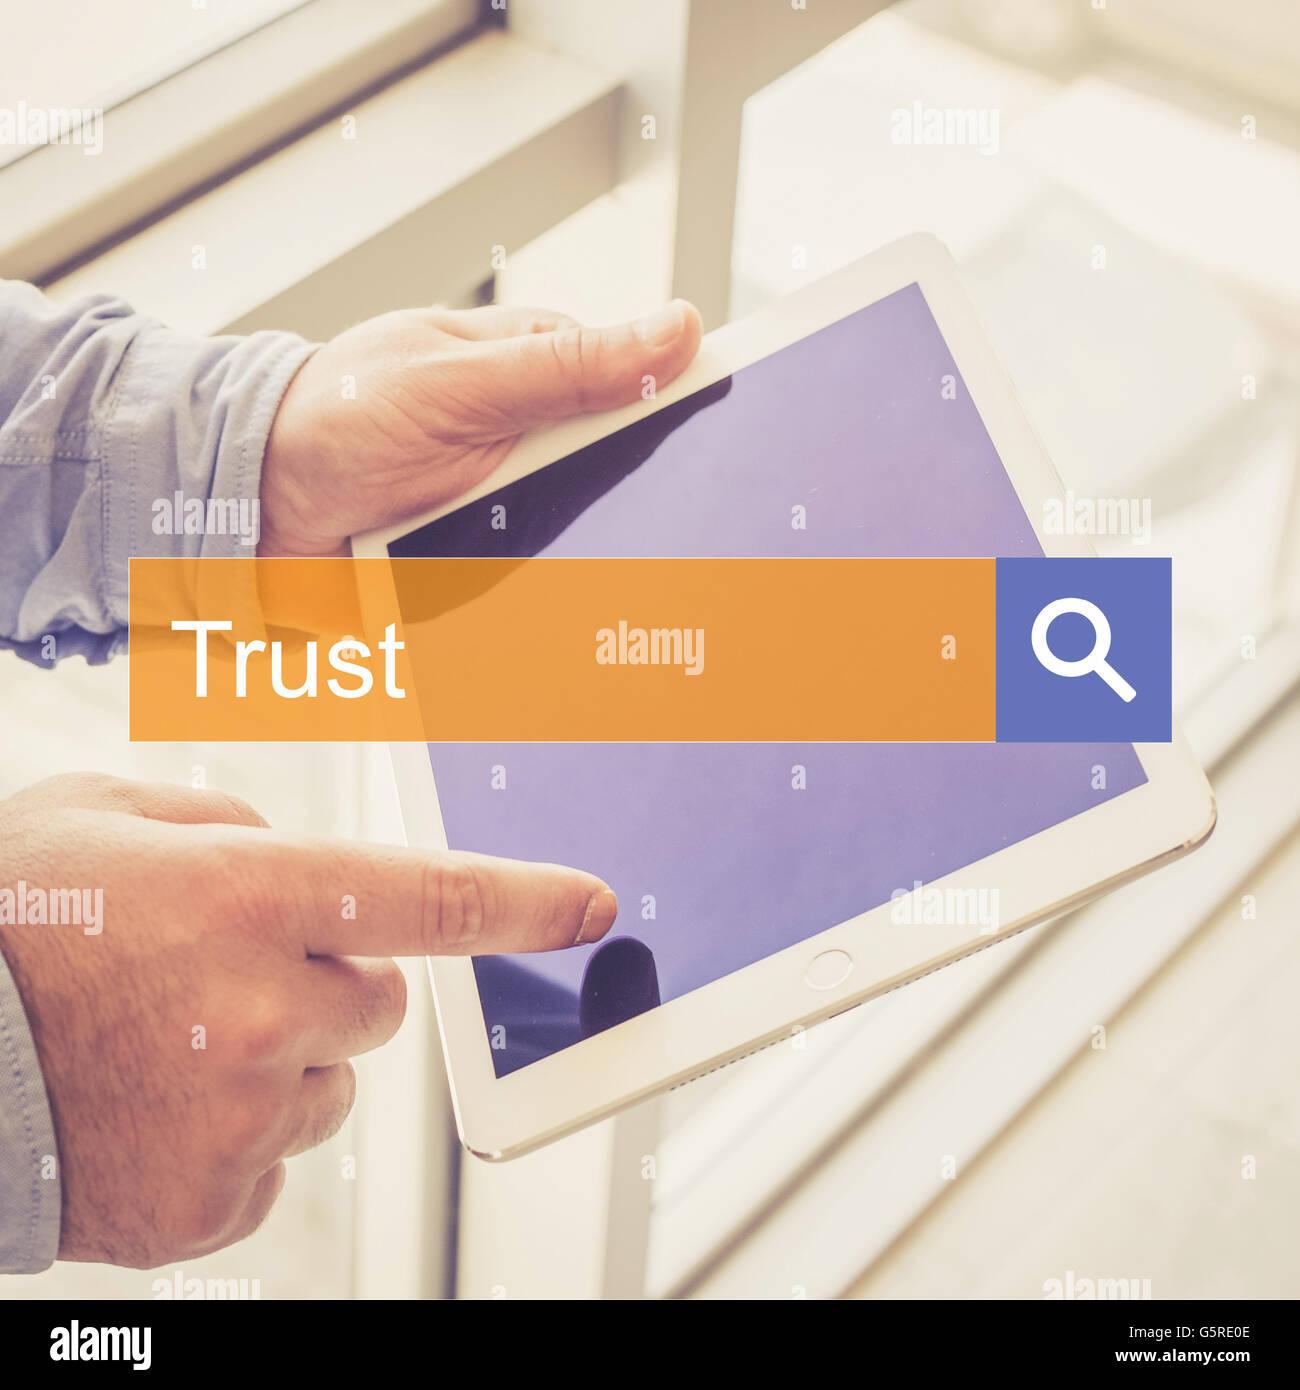 La TECHNOLOGIE DE RECHERCHE COMMUNICATION Trust TABLET CONCEPT TROUVER Photo Stock